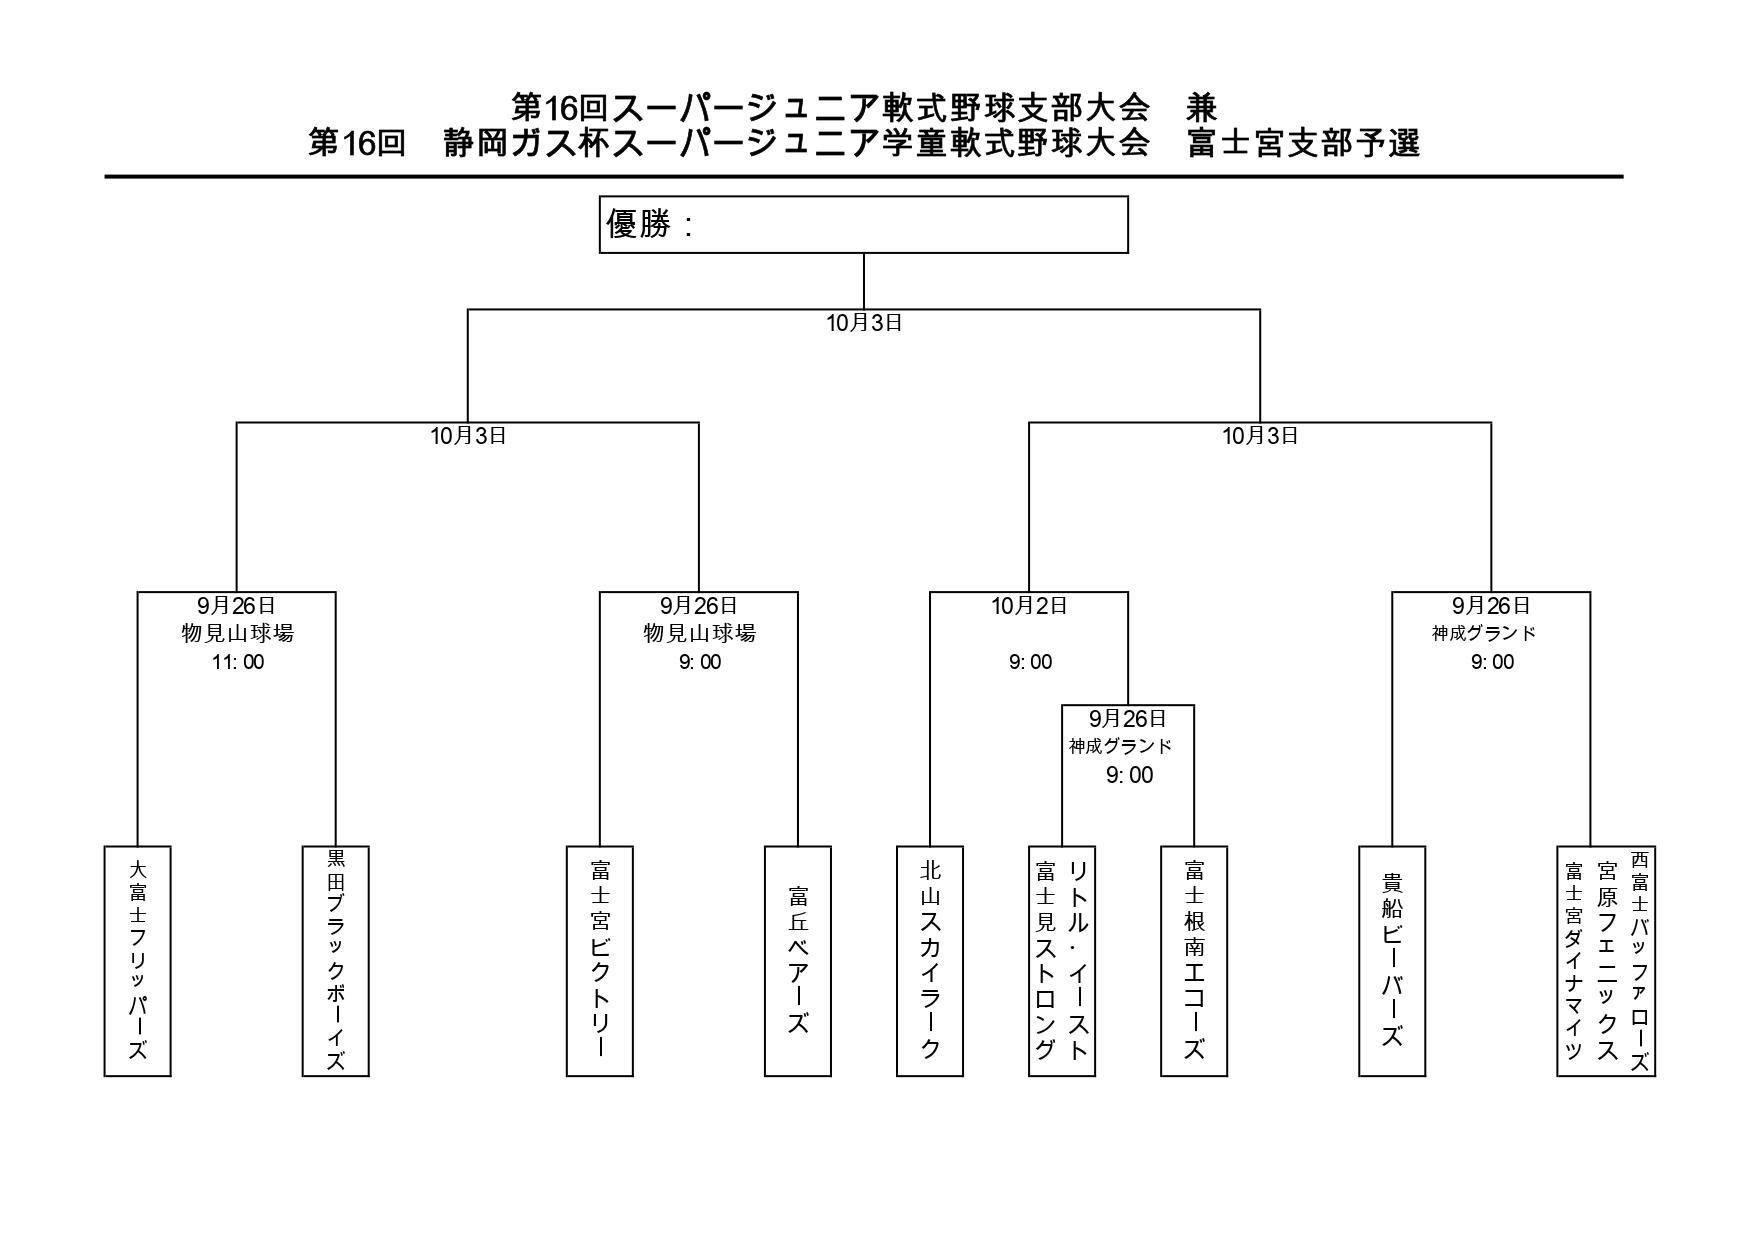 スーパー抽選結果_page-0001